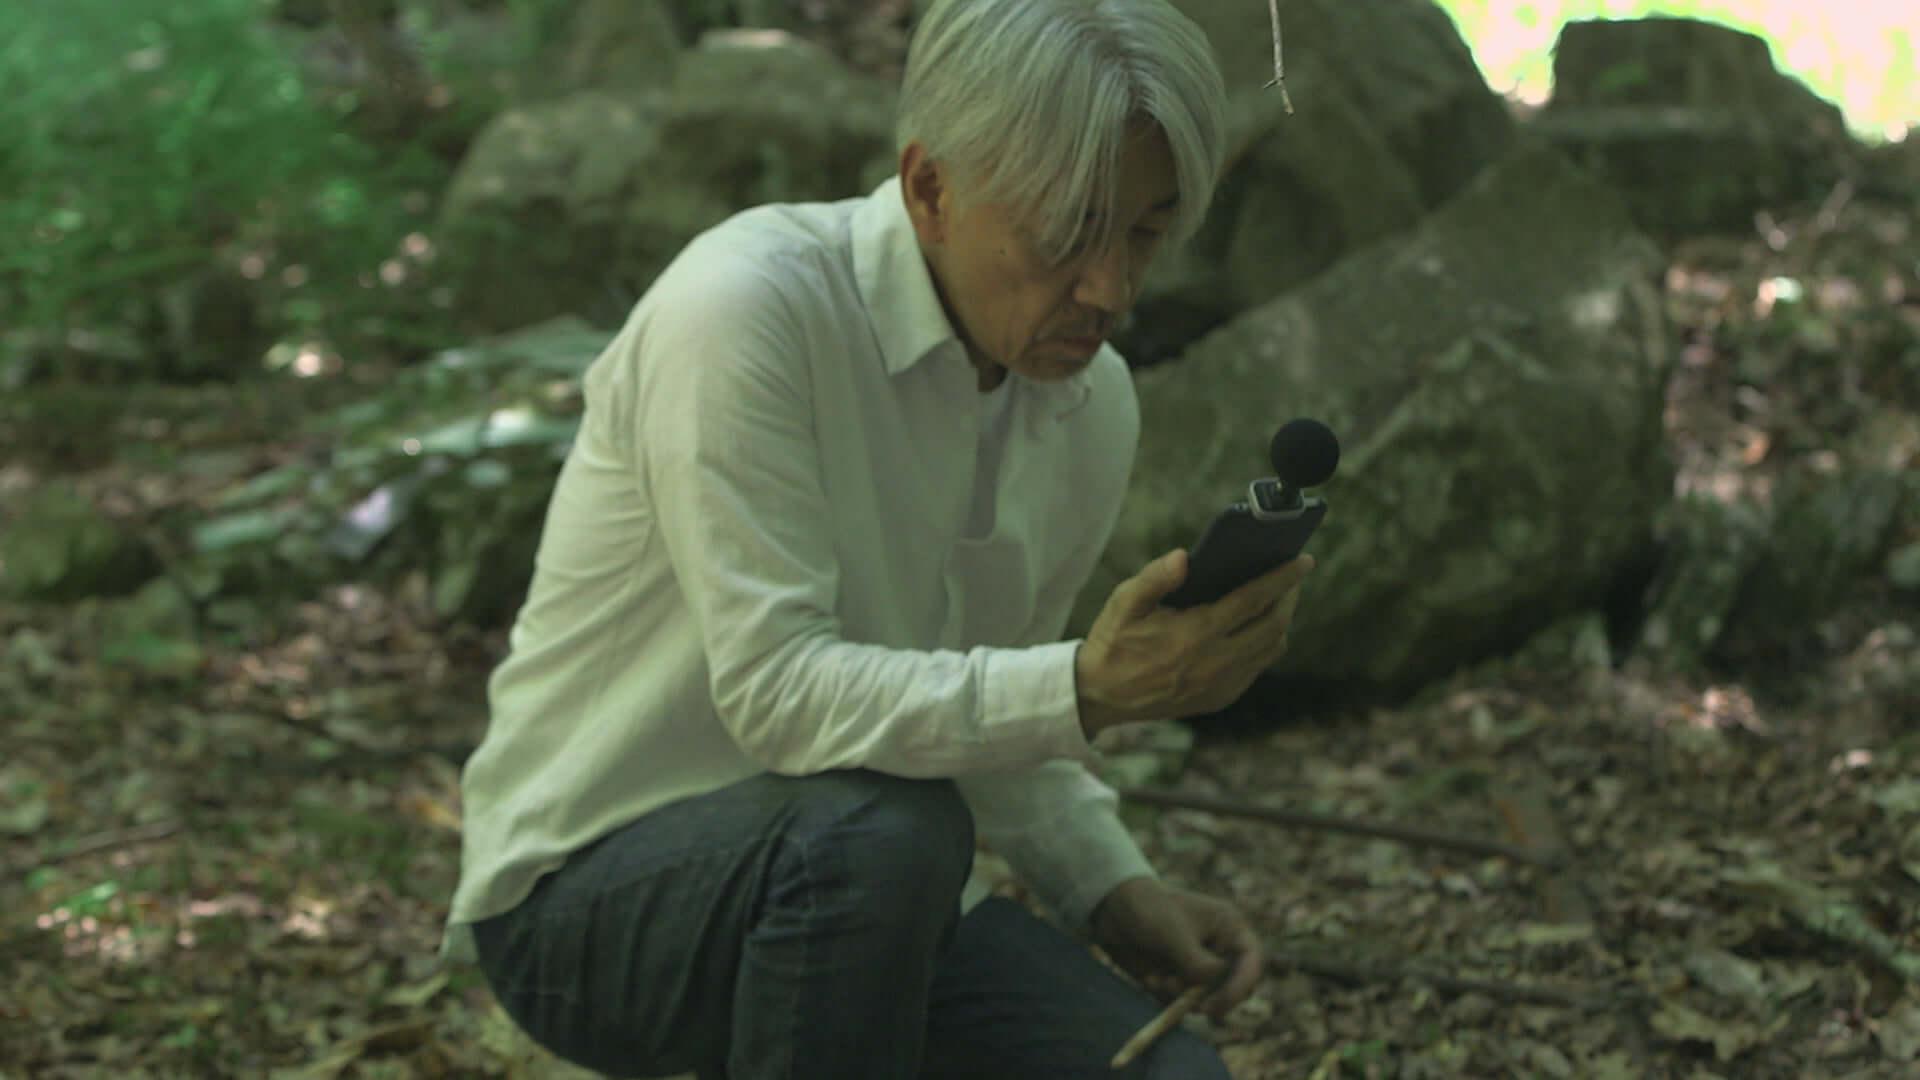 坂本龍一のドキュメンタリー映画『Ryuichi Sakamoto: CODA』がYouTubeにて期間限定で無料配信決定! film200520_ryuichisakamoto_coda_3-1920x1080